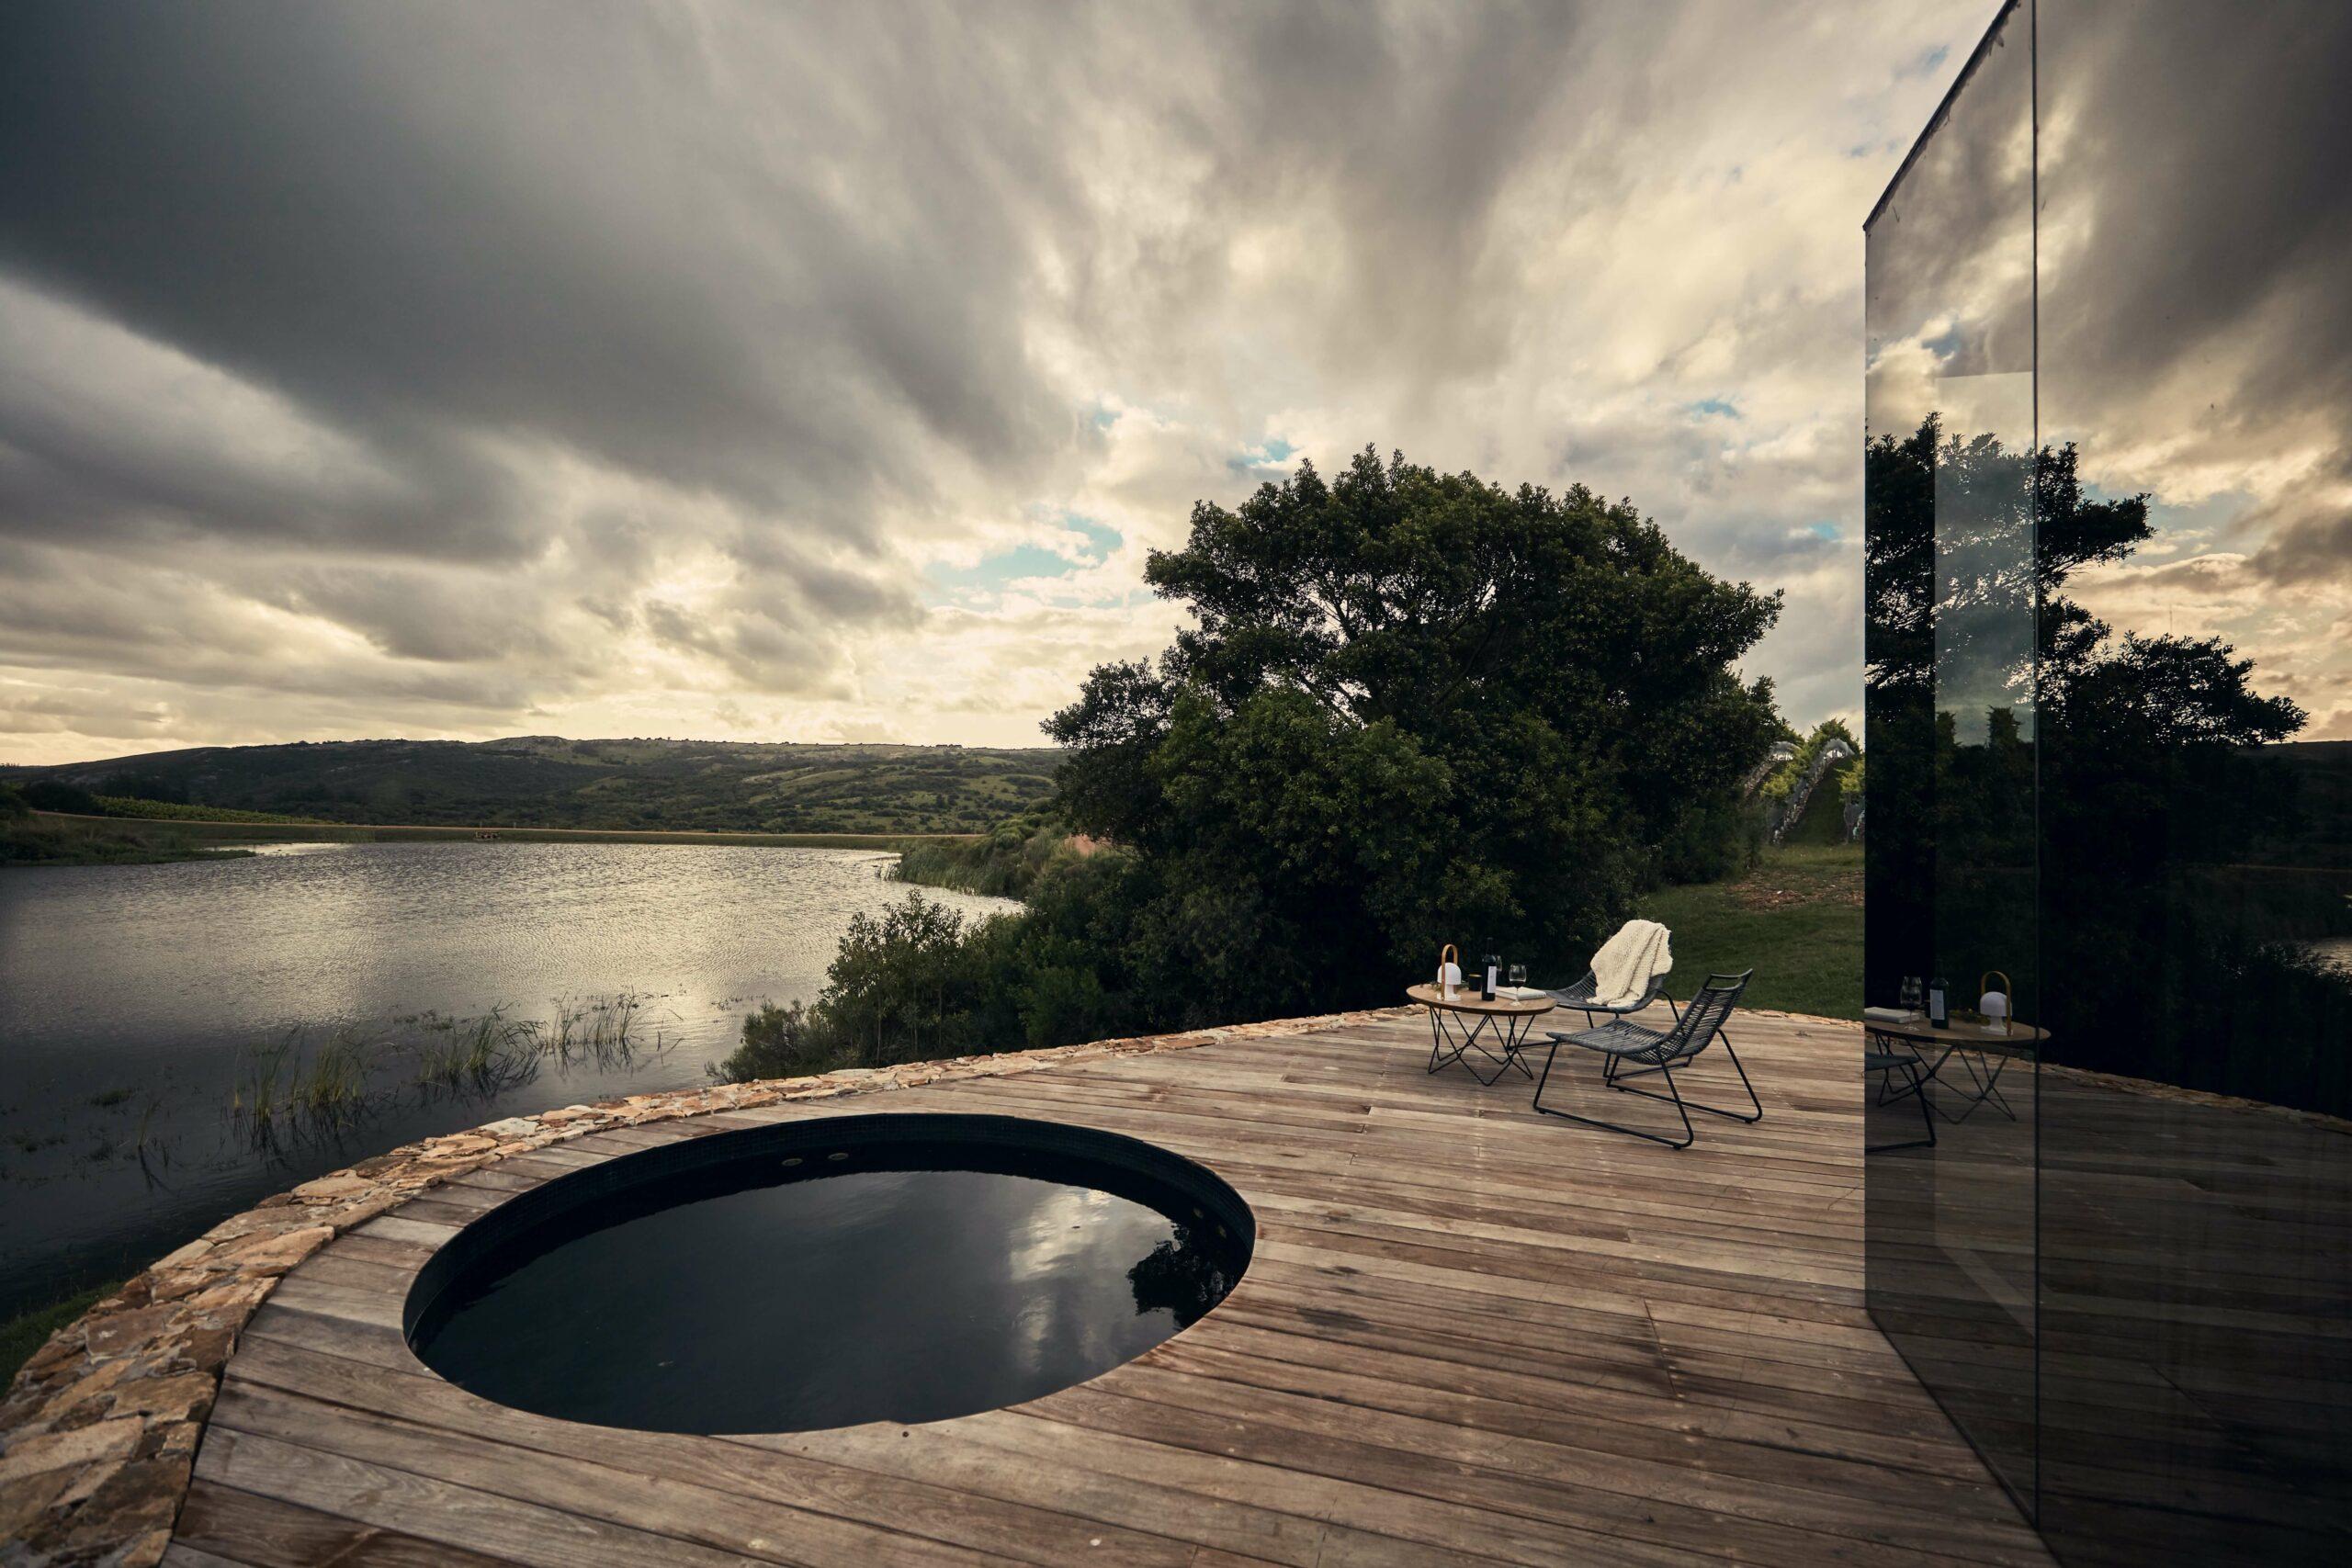 terrace-sacromonte landscape hotel uruguay